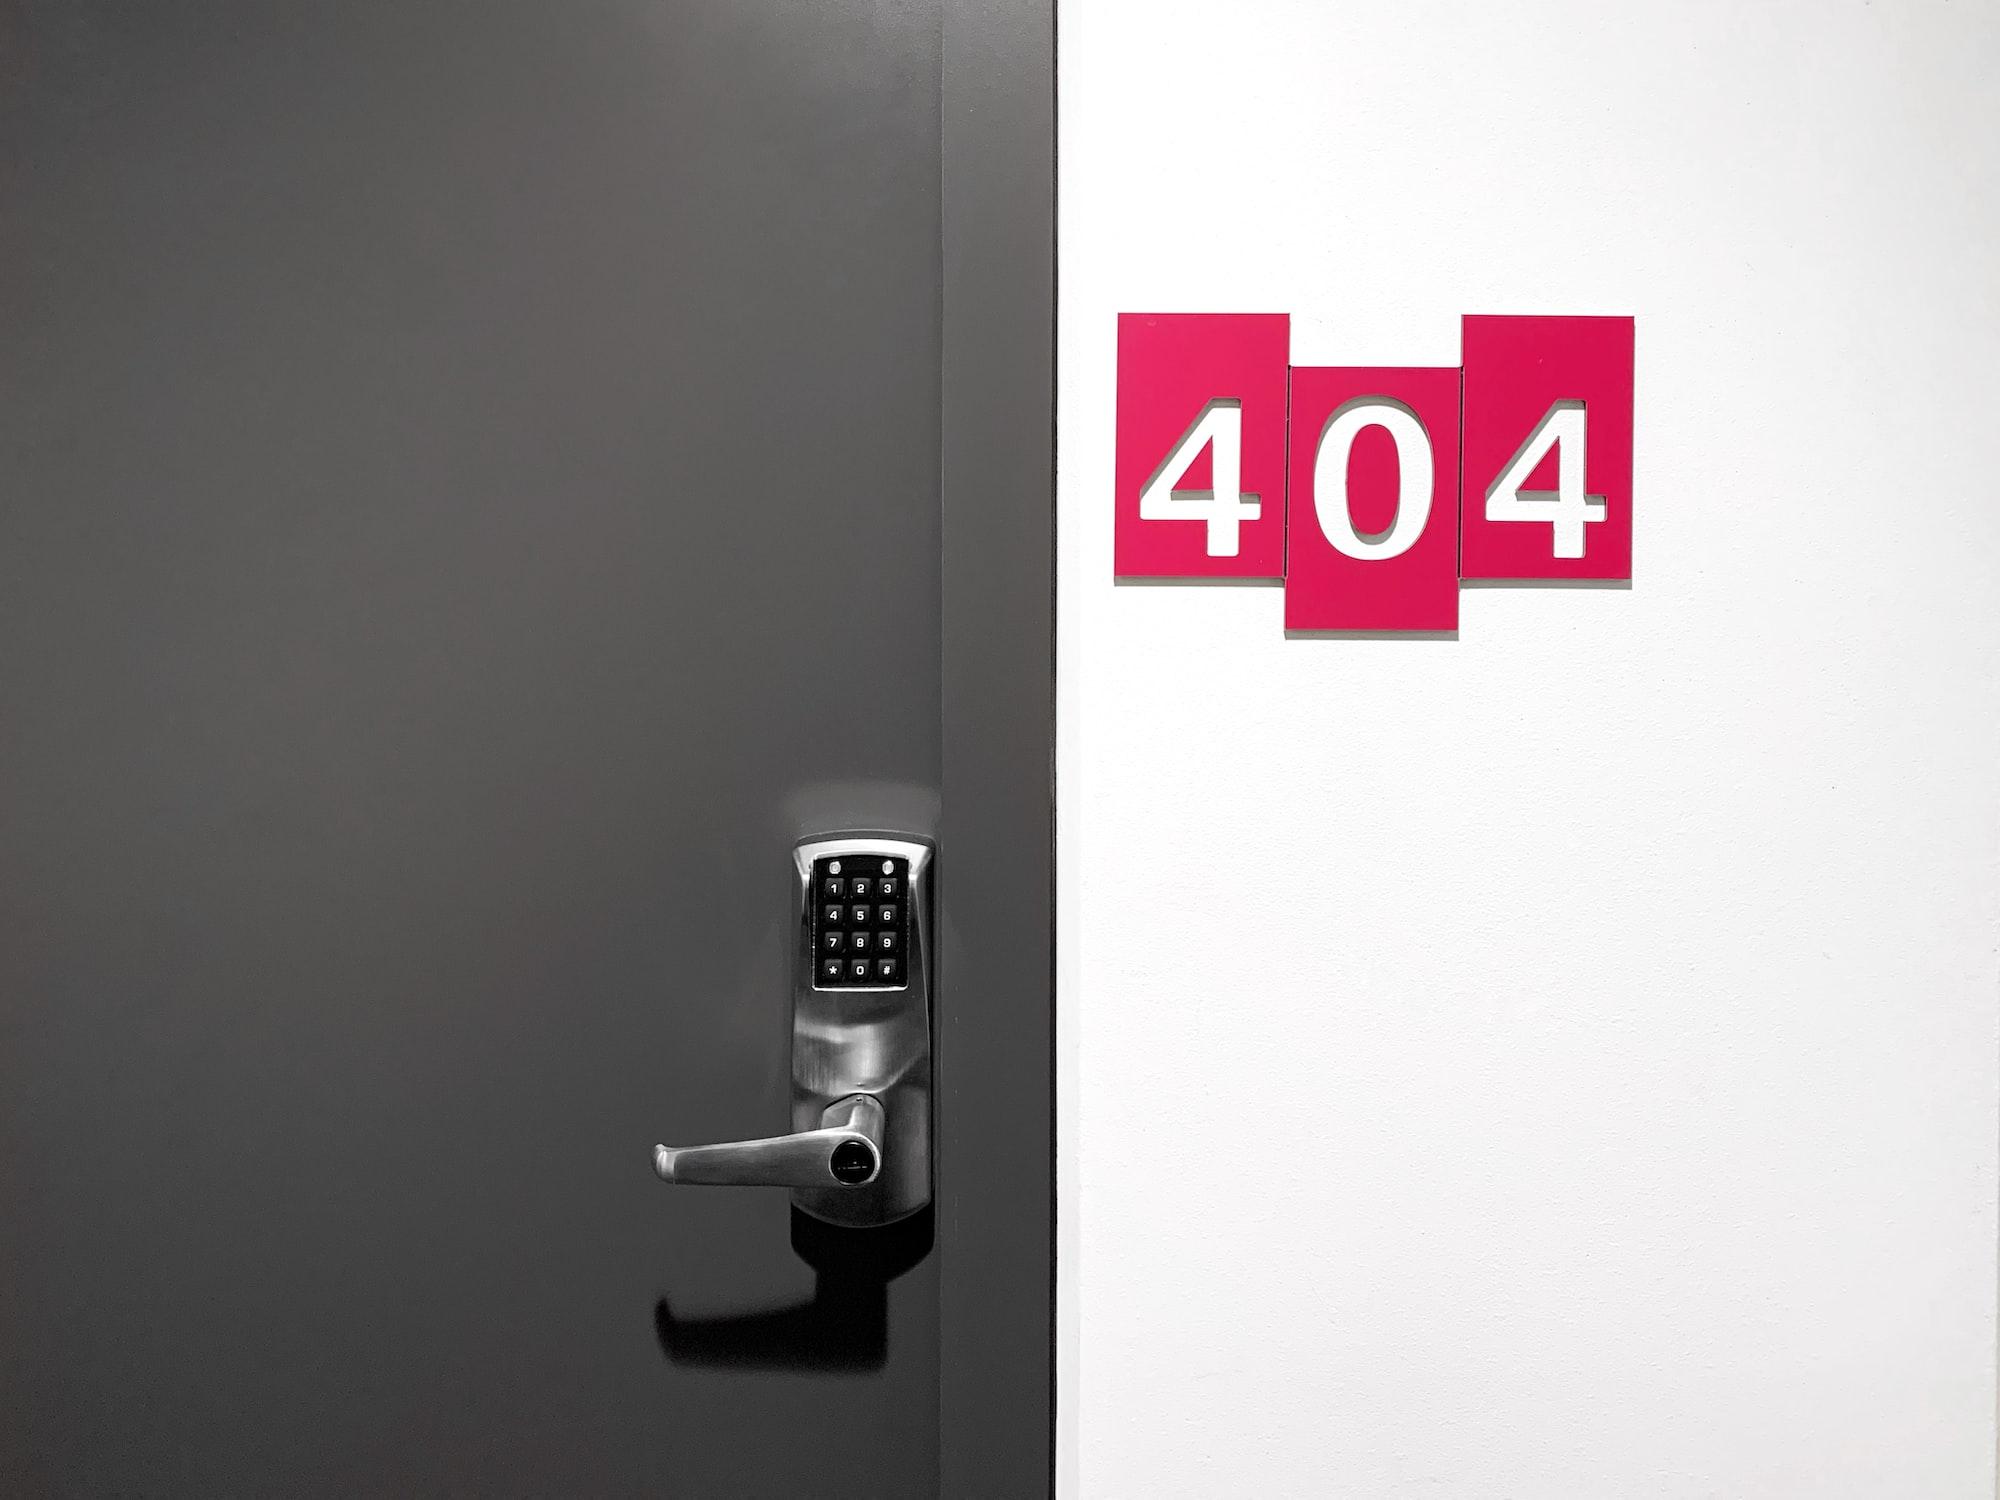 Door with 404